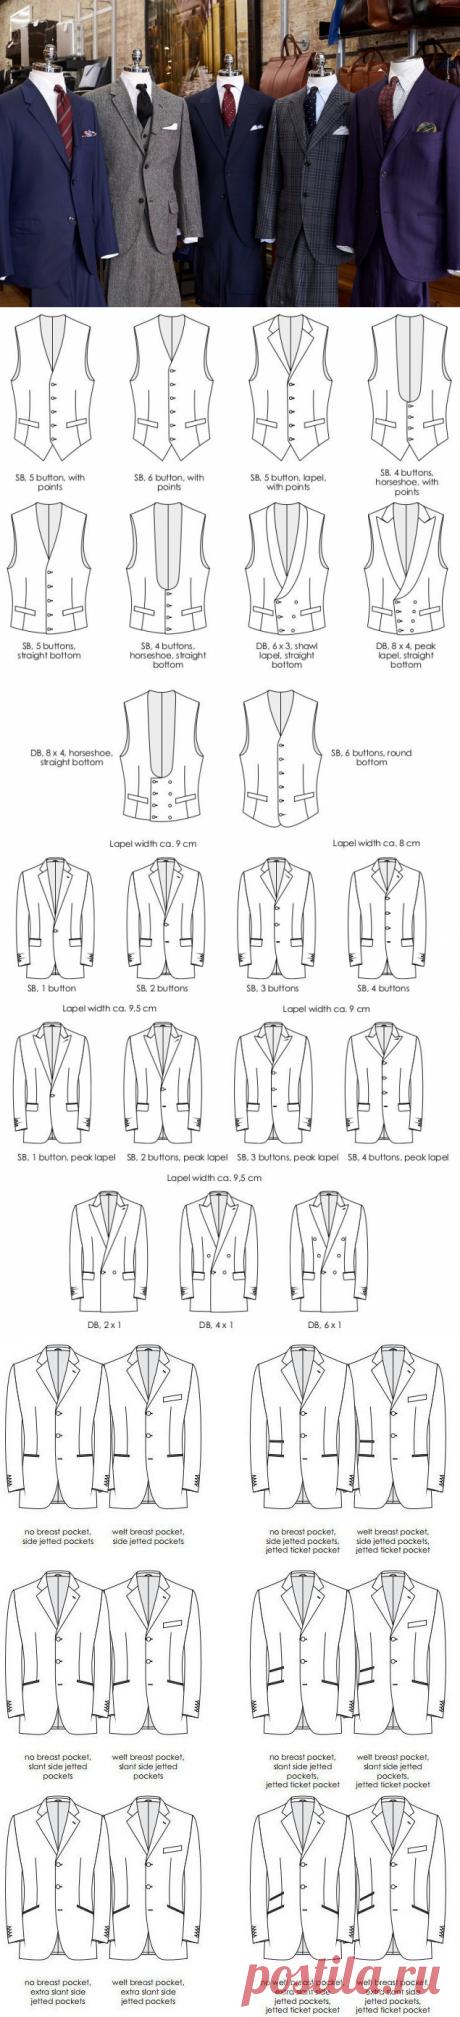 Пошив мужских костюмов на заказ в Санкт-Петербурге – Ателье деловой одежды